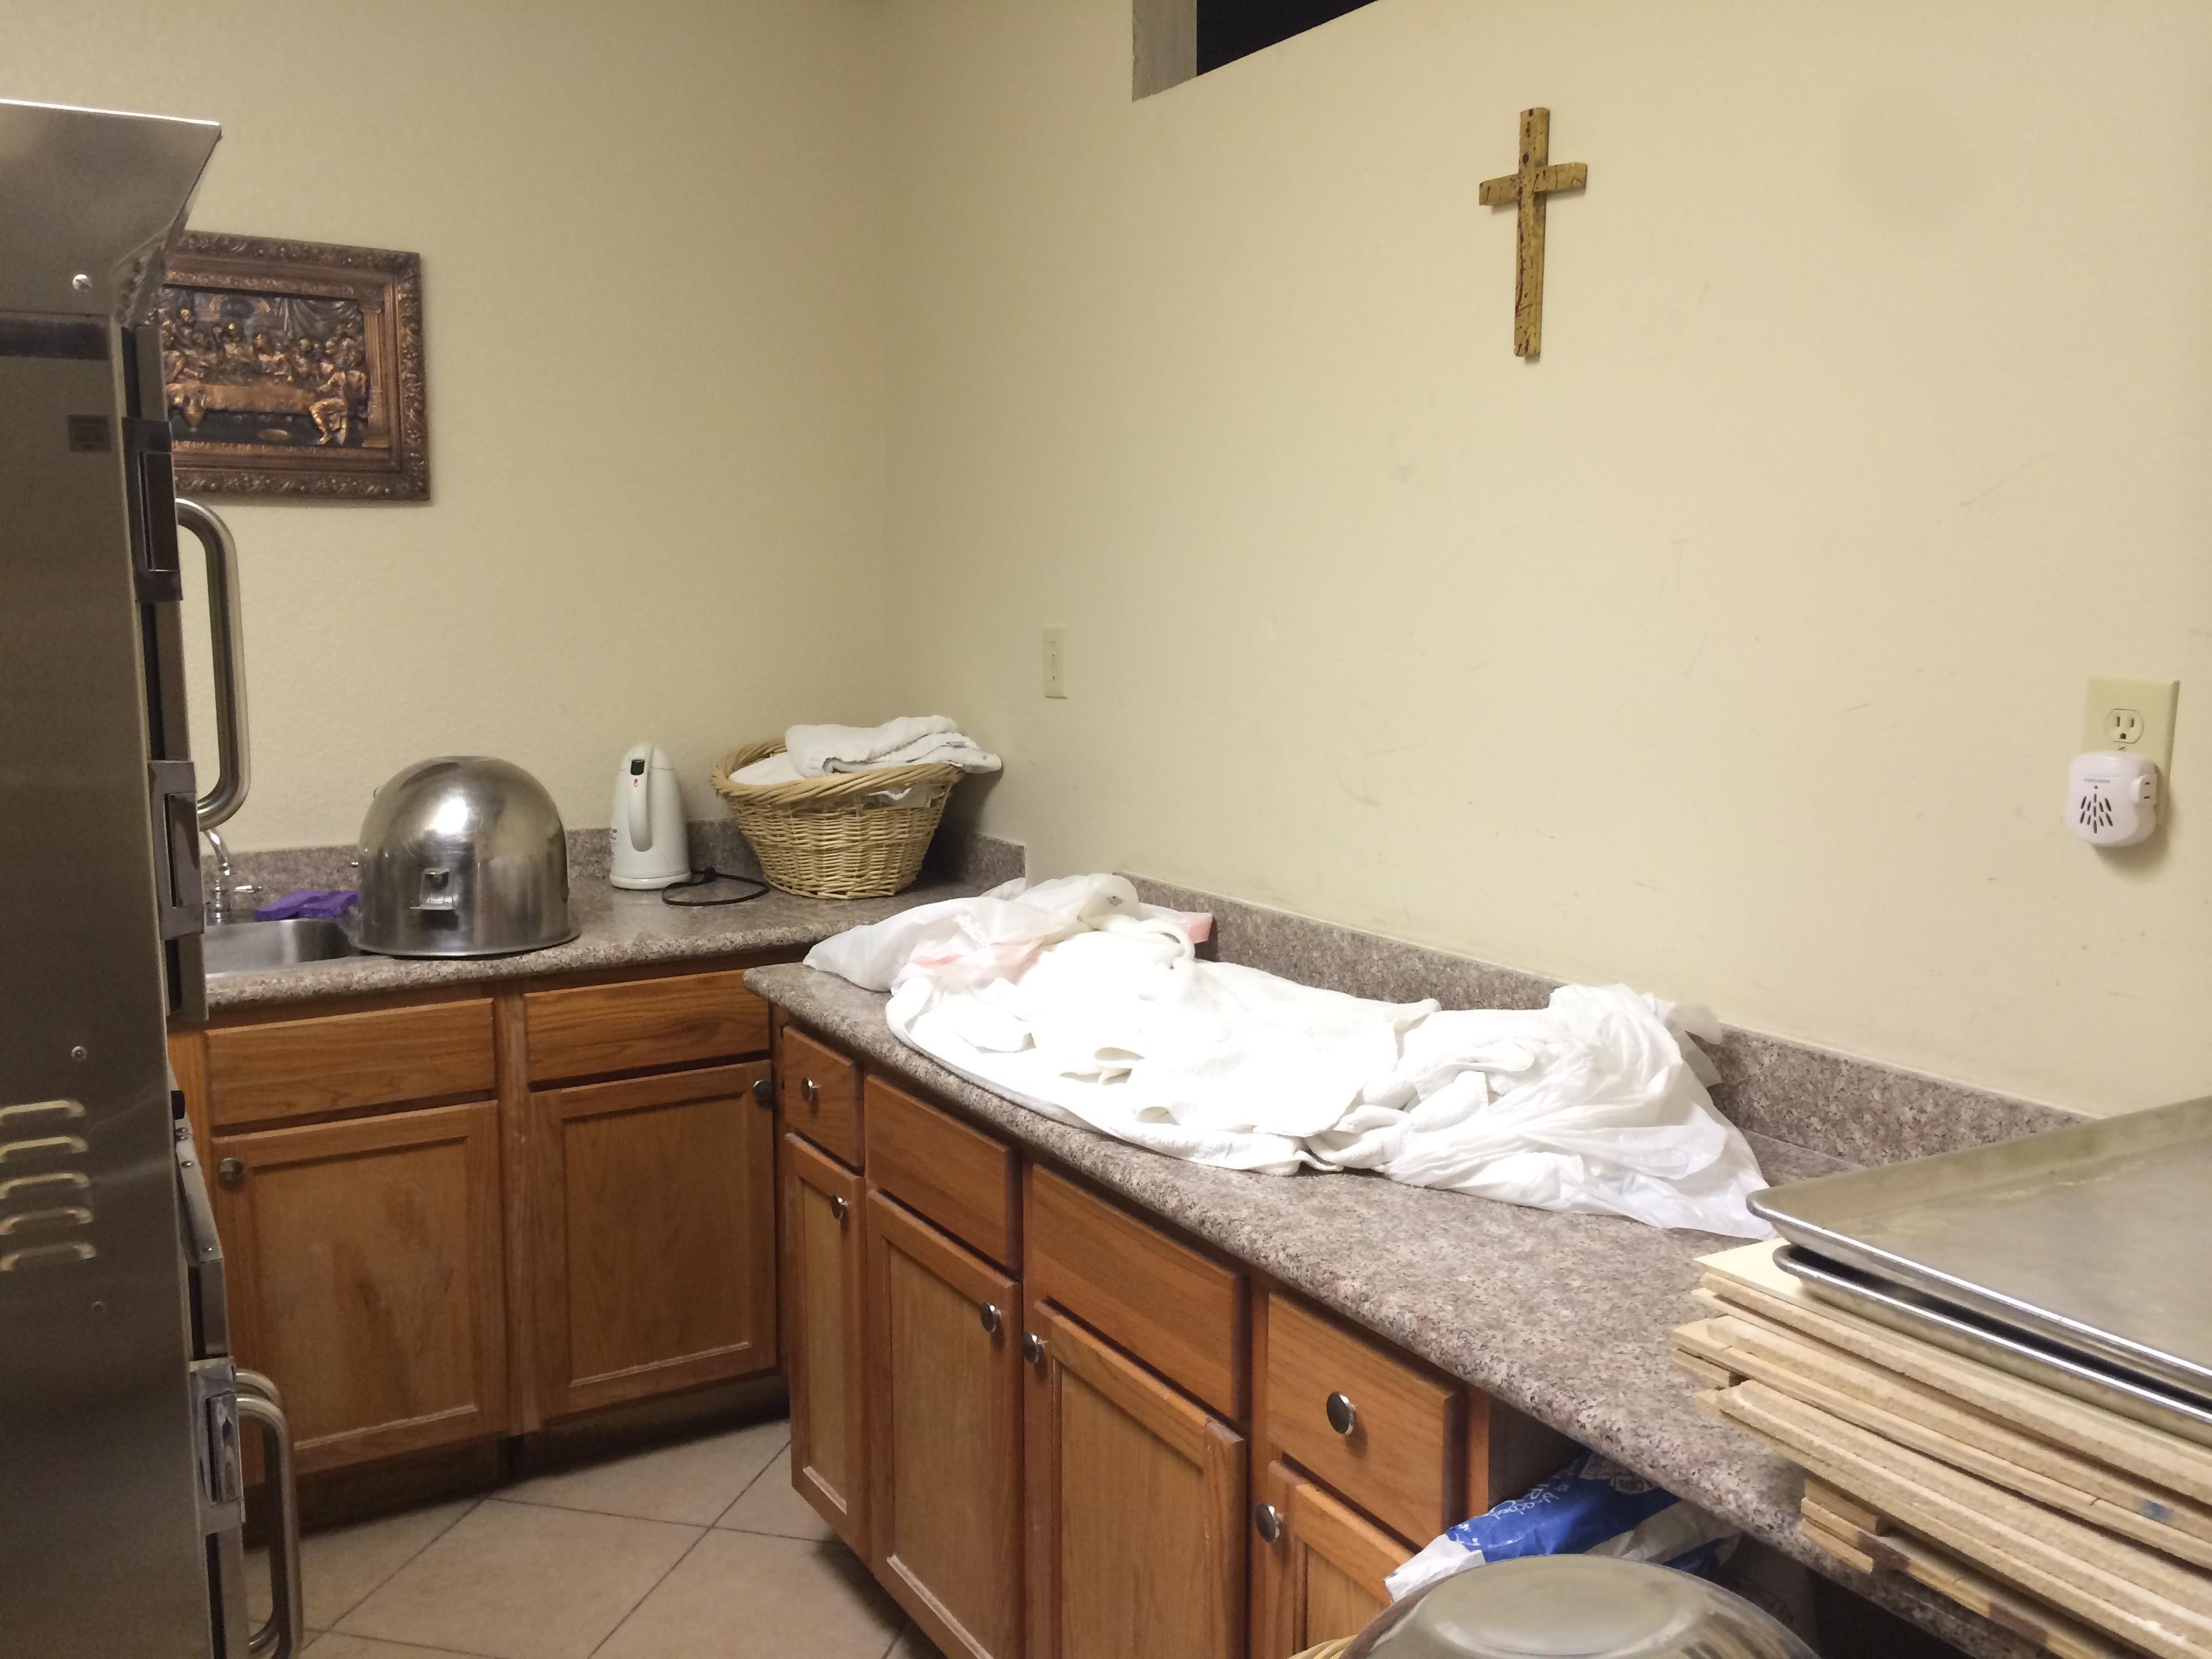 3500 Clayton Road, Concord, CA 94519 1,650,000 www.churches4sale.com ...